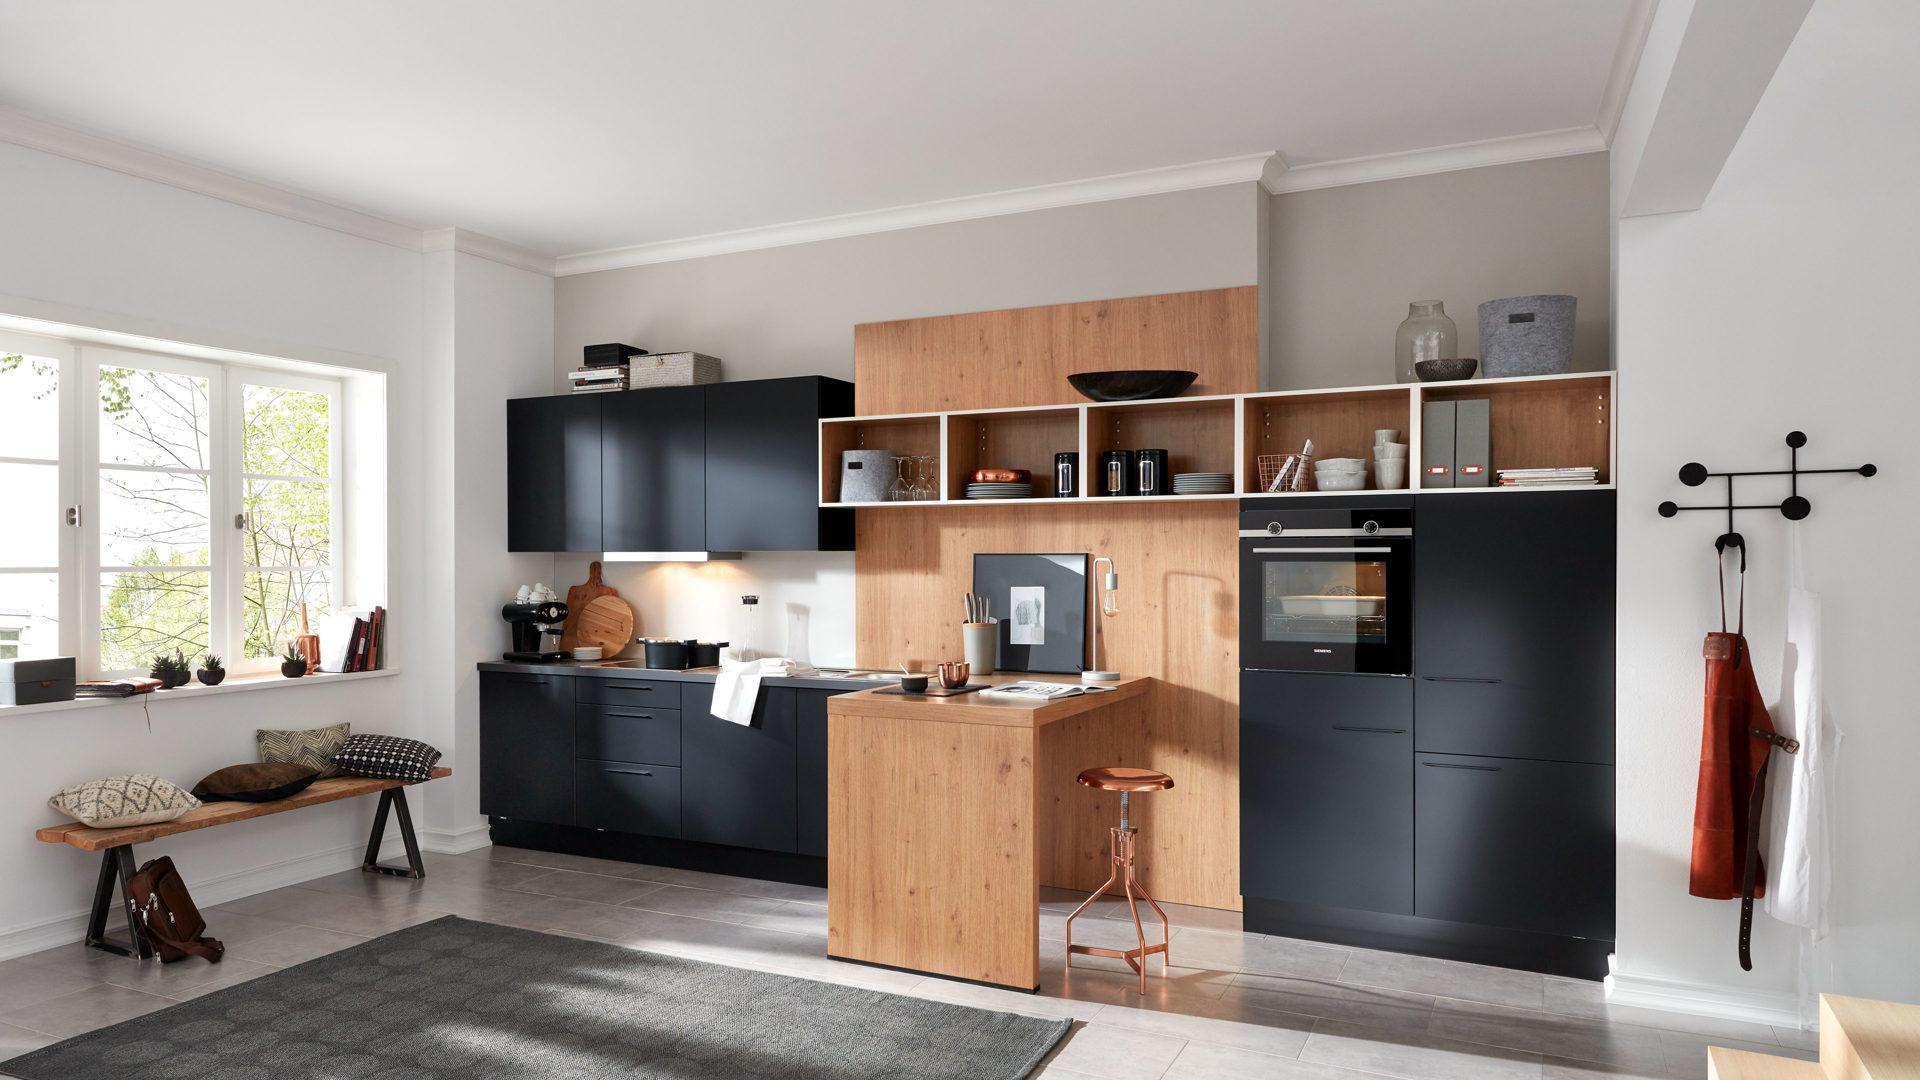 WERT-KÜCHE Ulrika Küchenzeile mit SIEMENS Einbaugeräten, onyxschwarze &  asteichefarbene Kunststoffoberflächen – Länge ca.